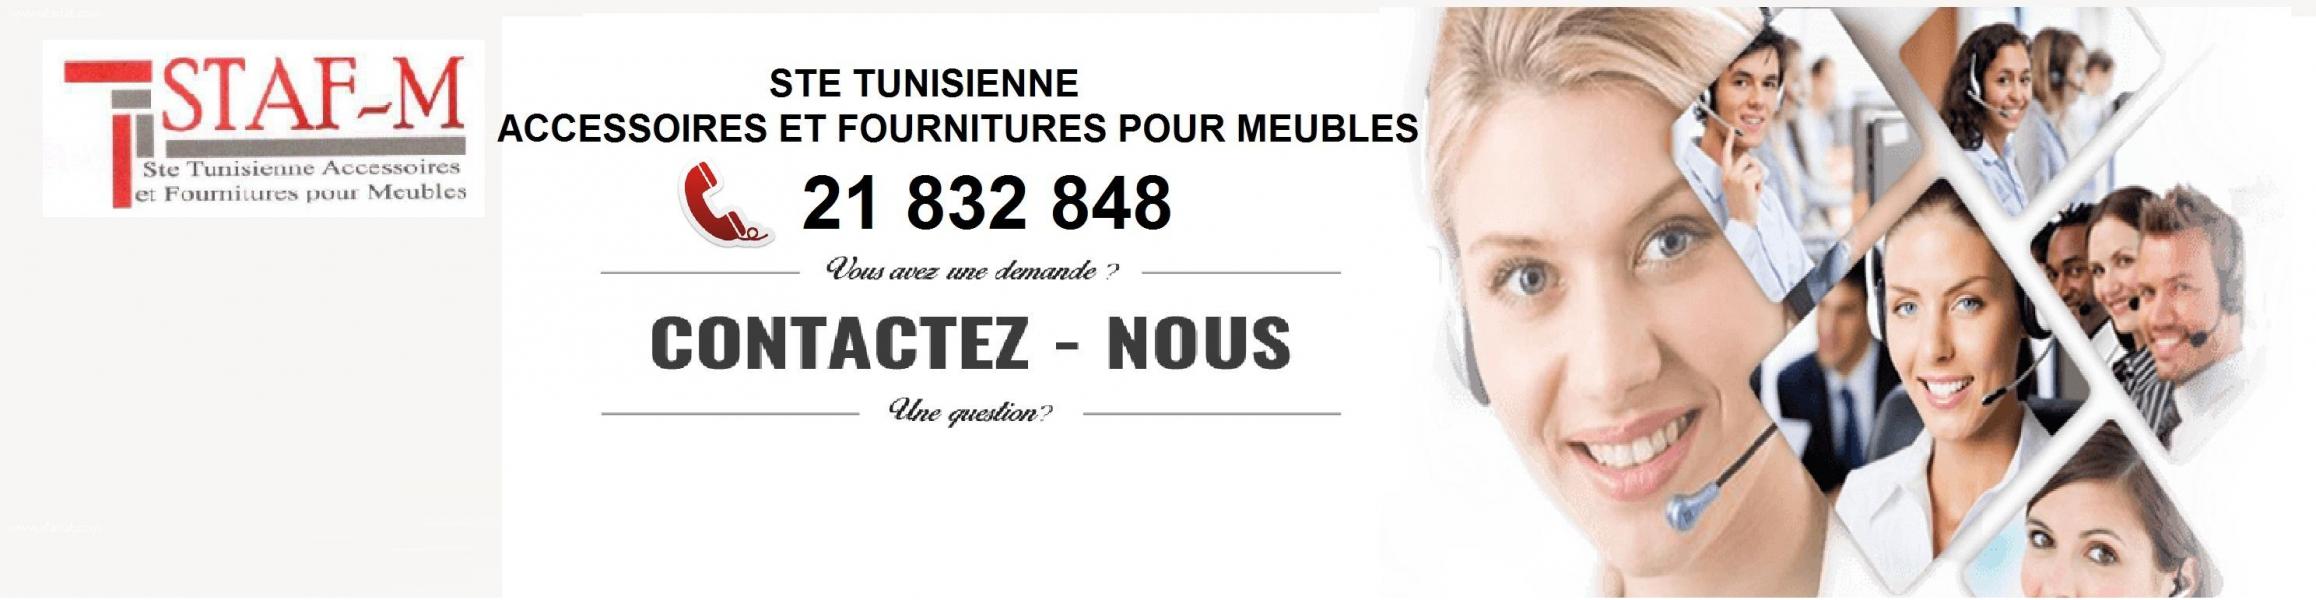 Accessoires Meubles Afariat Tayara # Accessoires De Meubles Tunisie